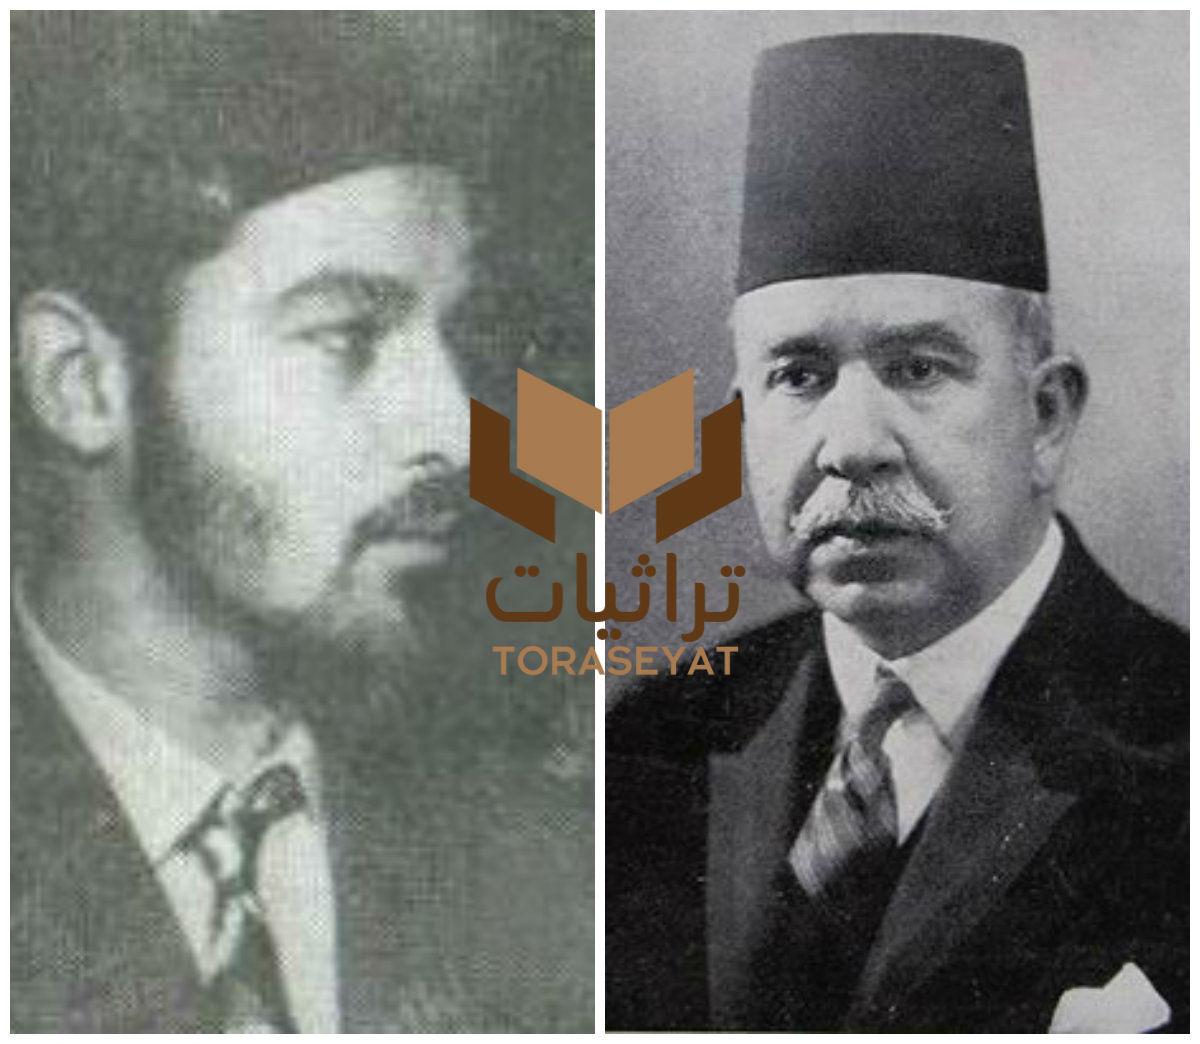 إسماعيل صدقي - مصطفى مؤمن